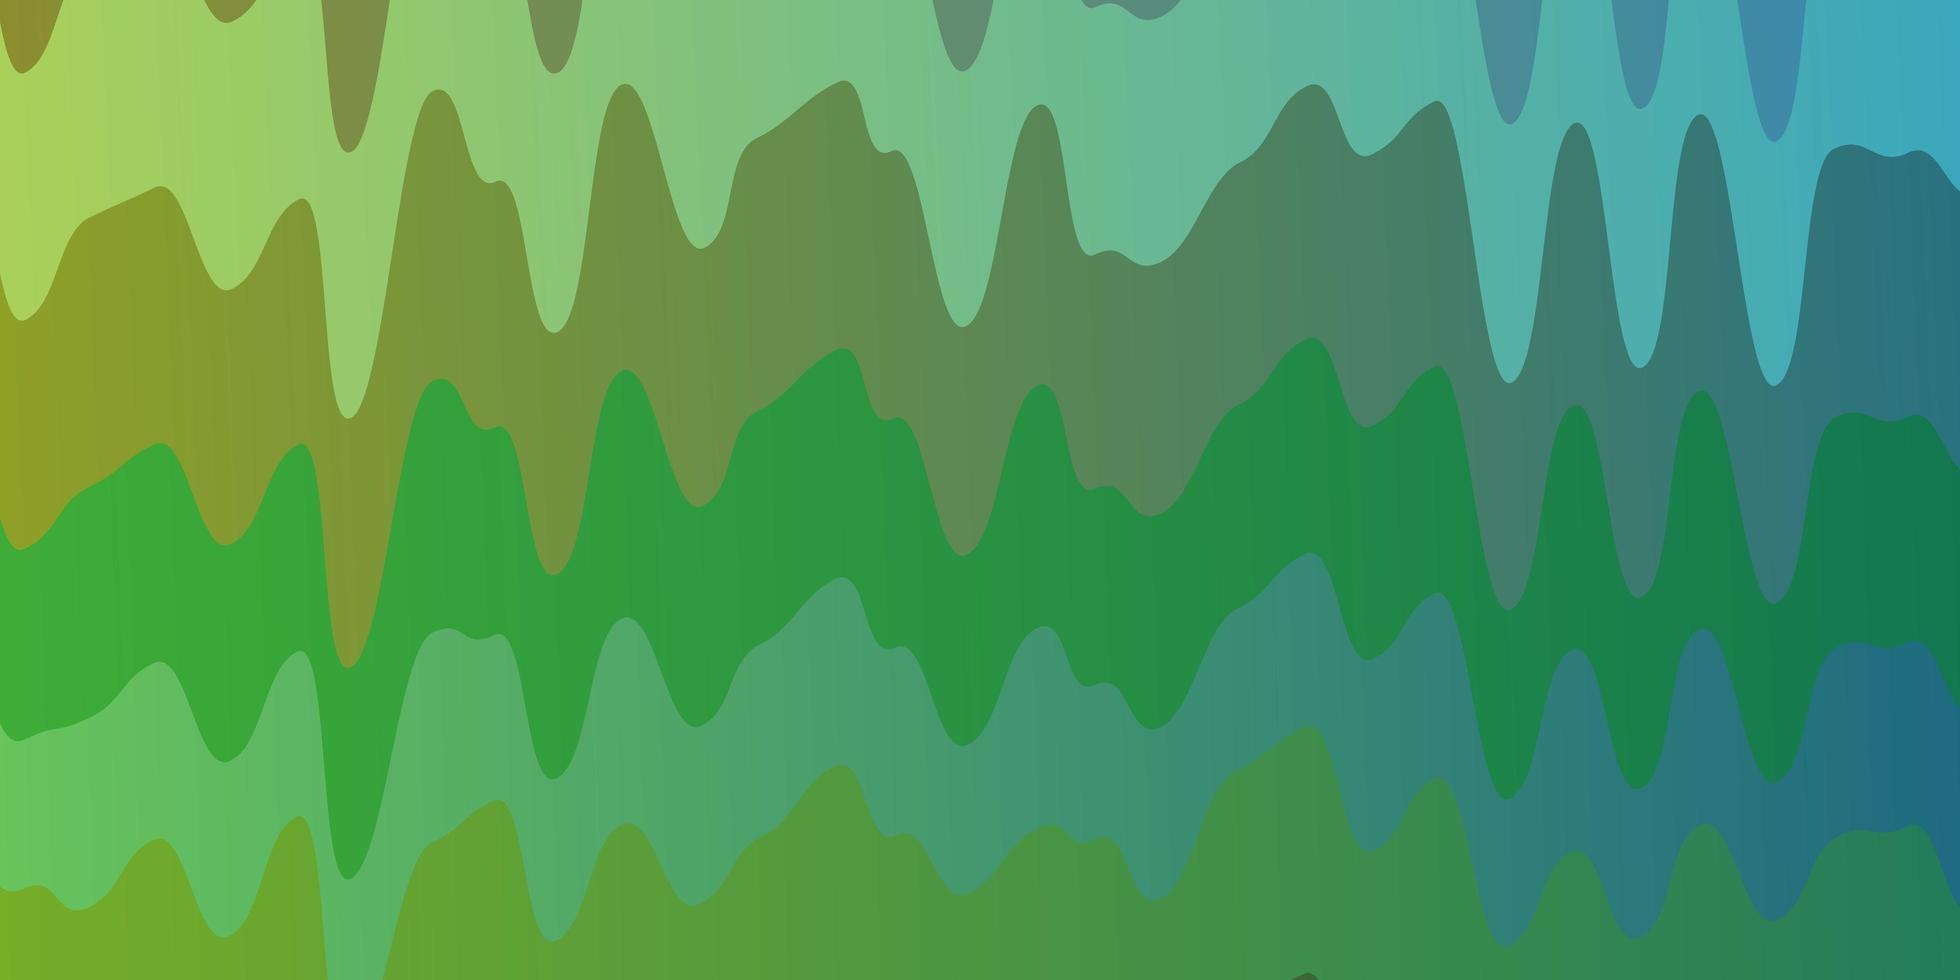 modello verde chiaro, giallo con linee curve. vettore